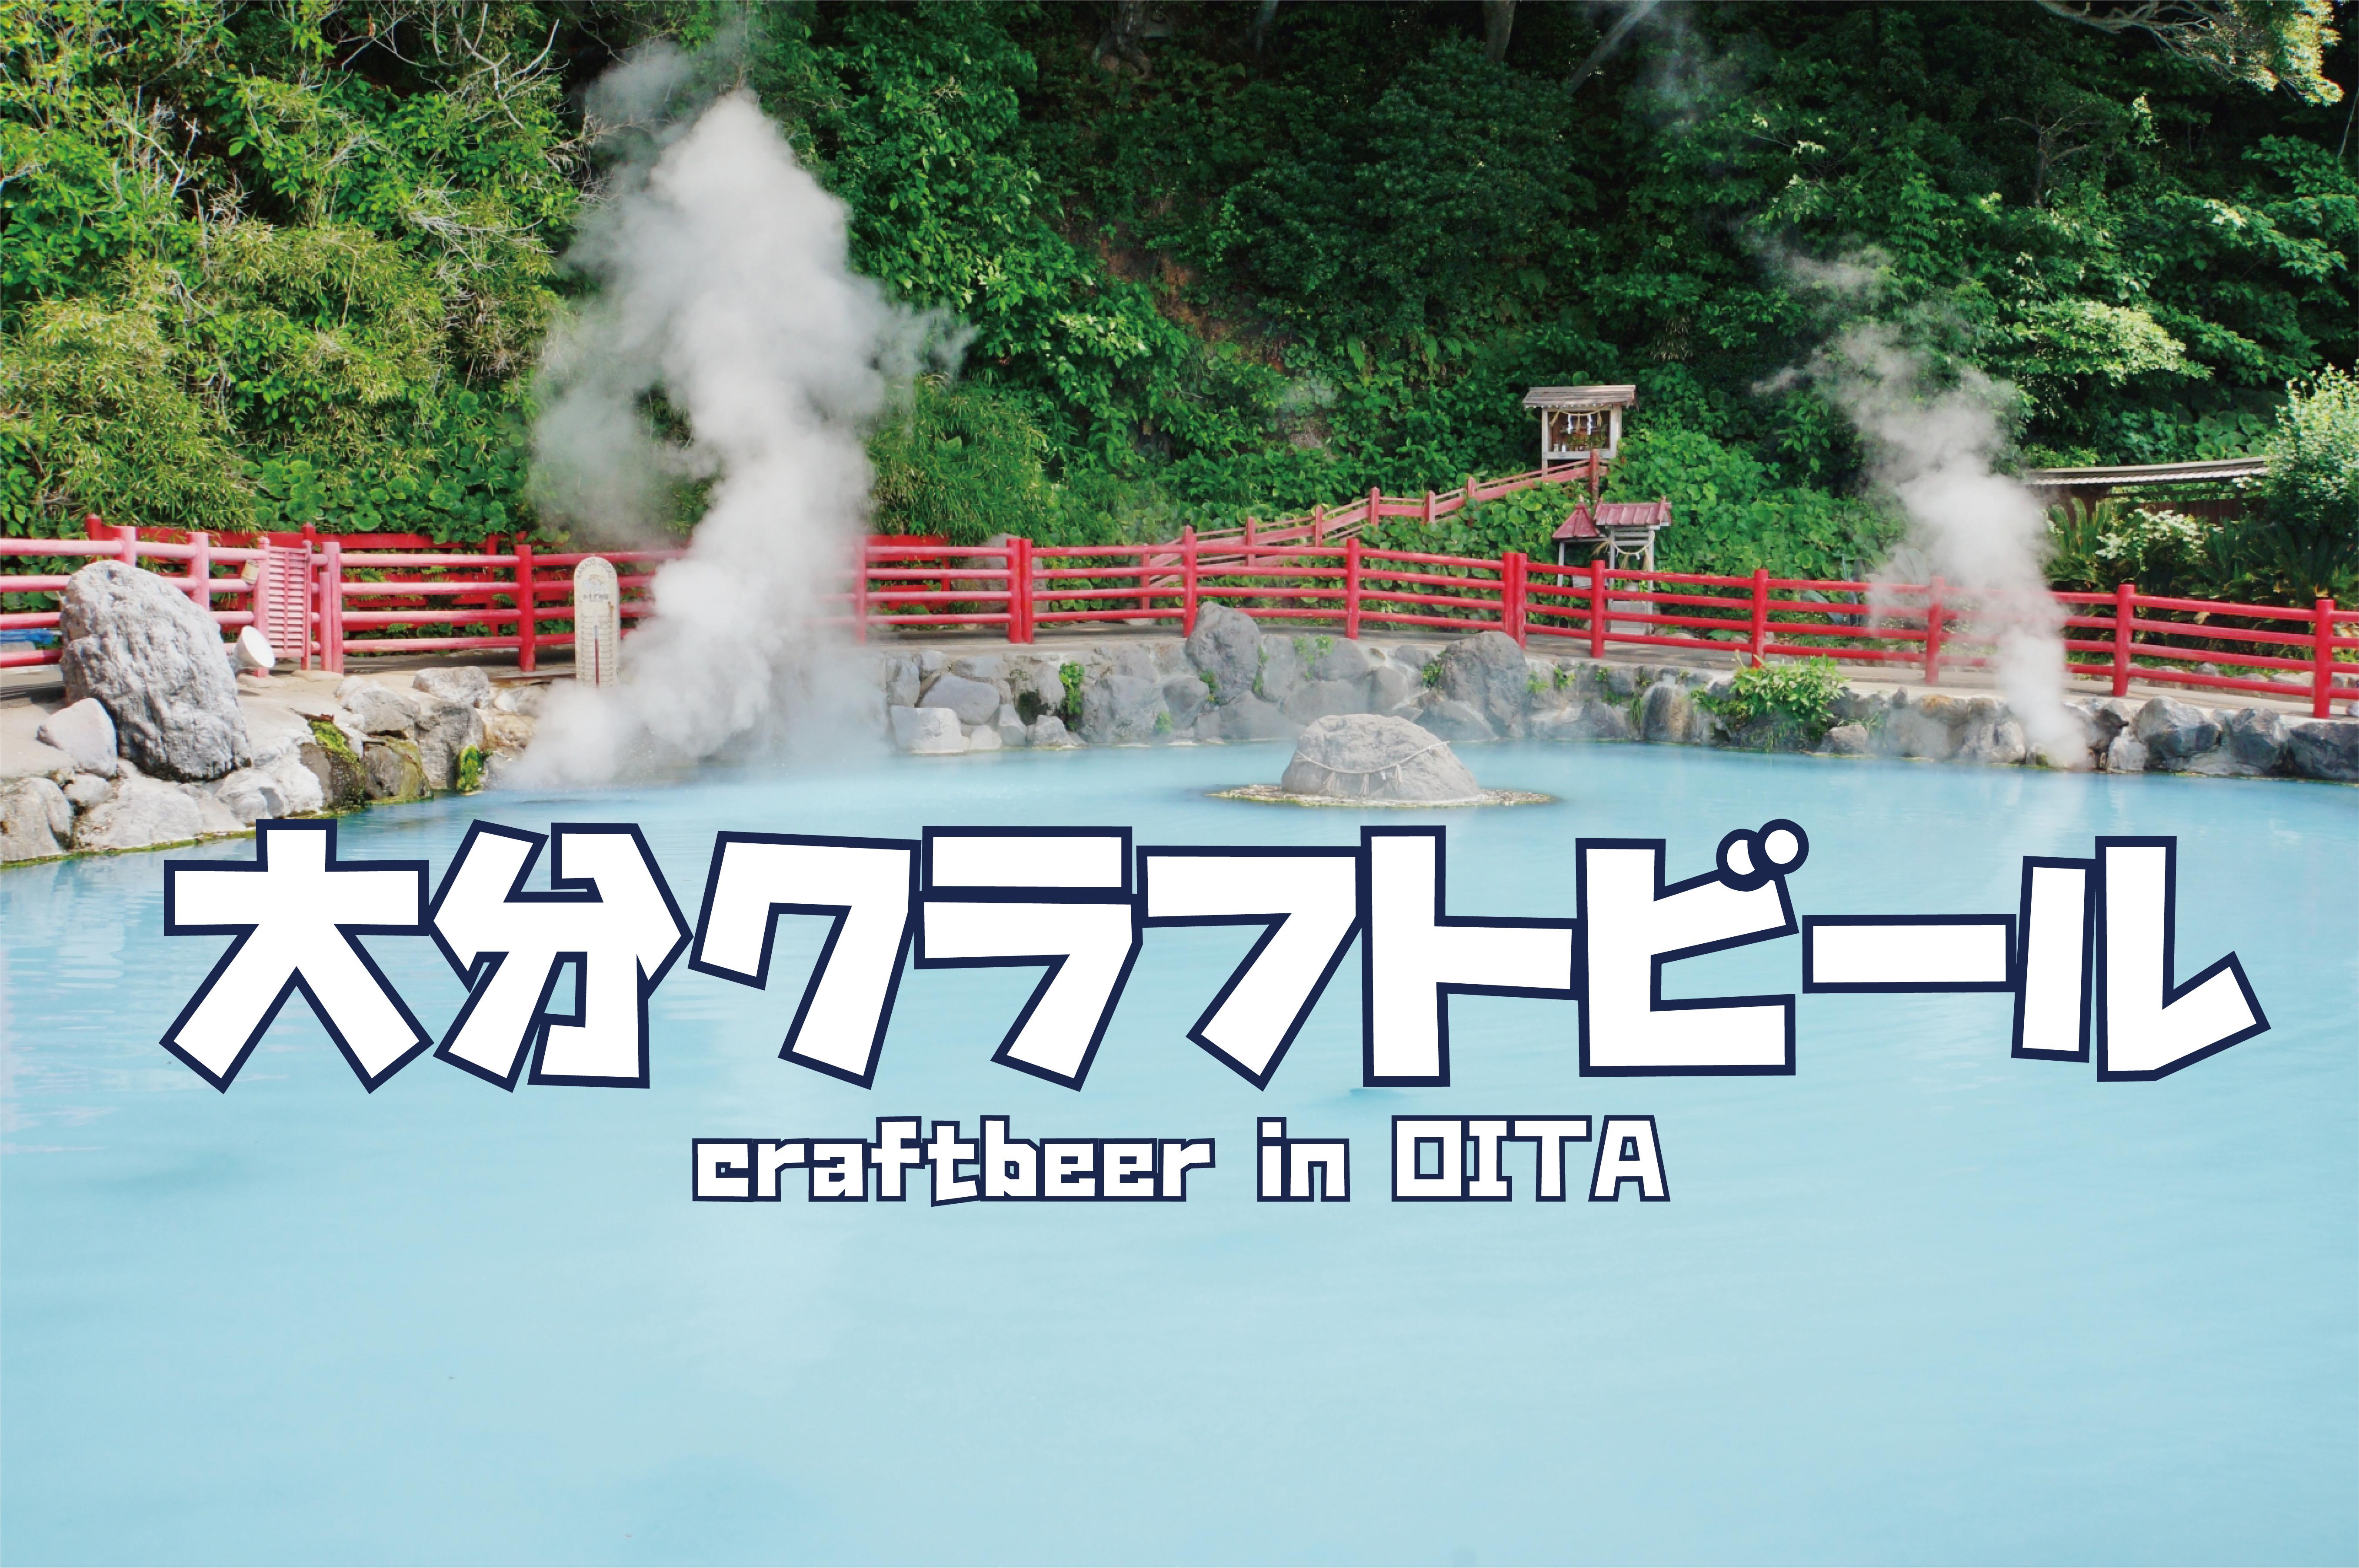 クラフトビール 地ビール パブ バー 大分 大分県